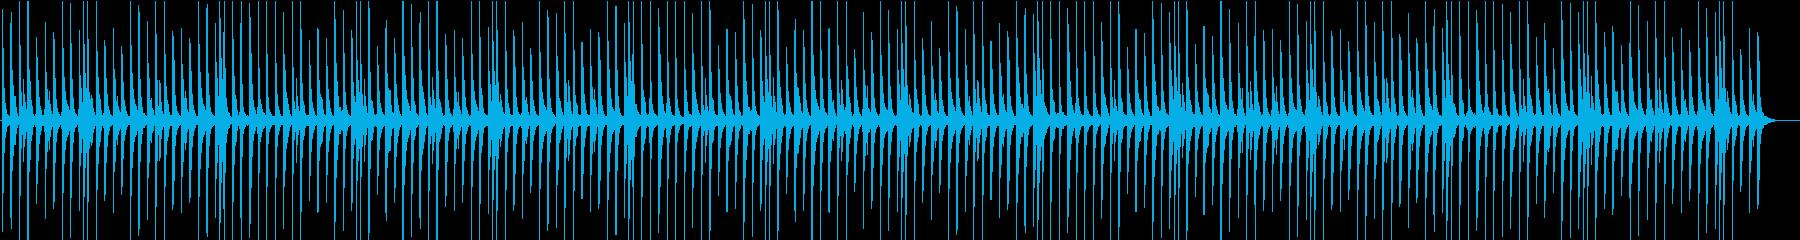 沖縄民謡「てぃんさぐぬ花」三線のみの再生済みの波形